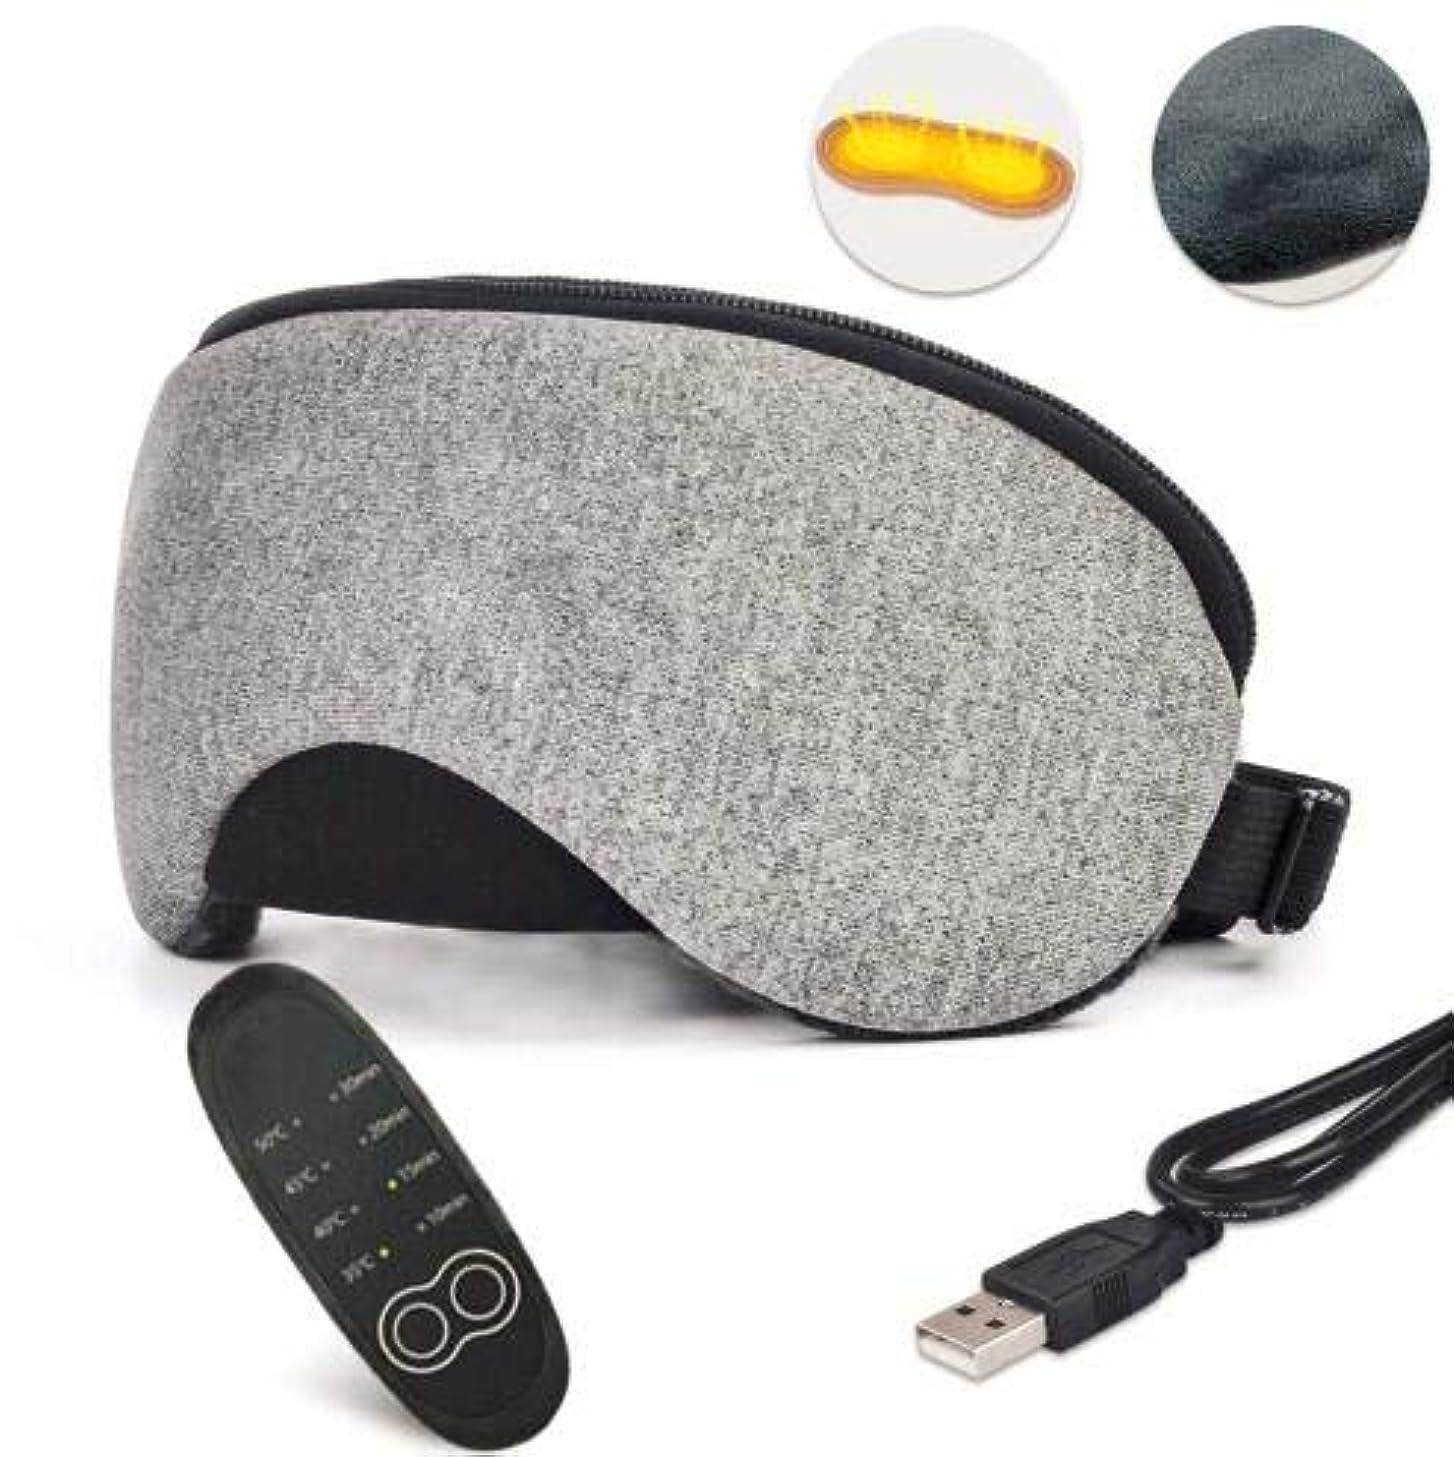 どこにも反対したソーセージNOTE Usbortable 3dスリープアイマスクカバー援助睡眠目隠しusb加熱綿表面アイマスク用睡眠SPAソフト調整可能包帯